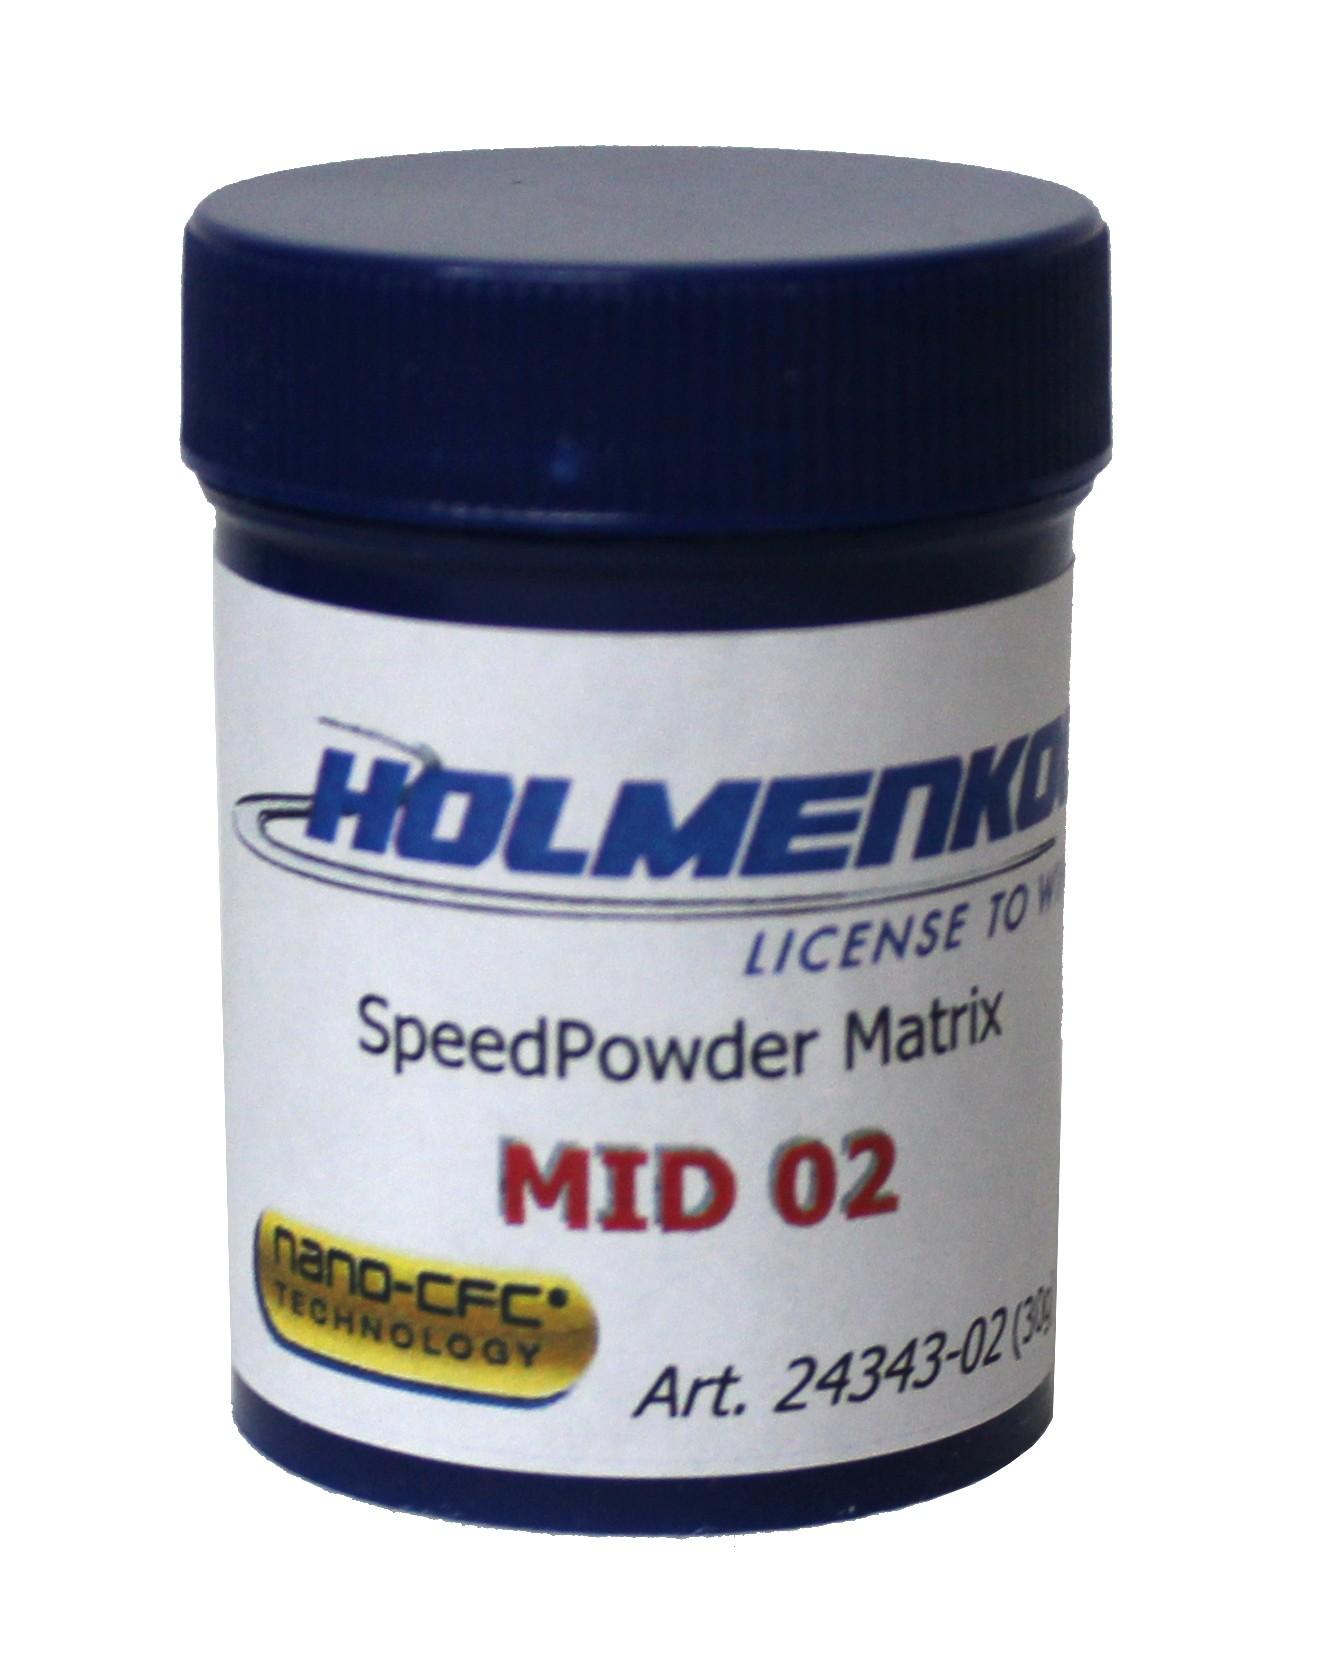 Holmenkol CFC Speed Powder Matrix MID 02